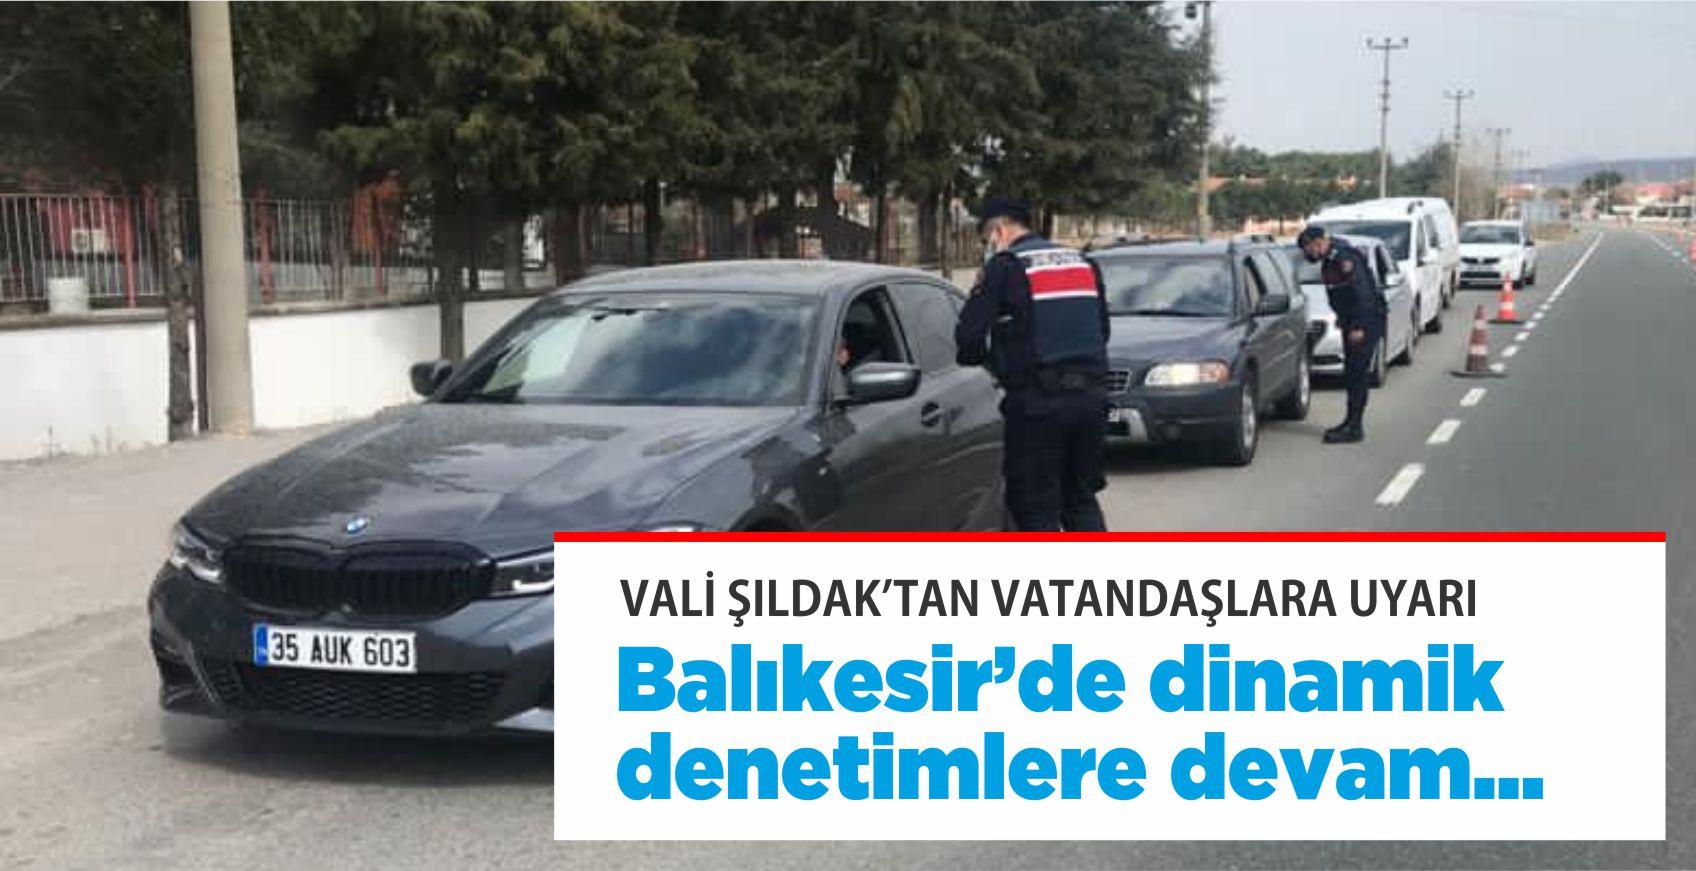 BALIKESİR'DE DİNAMİK DENETLEME MODELİNE DEVAM